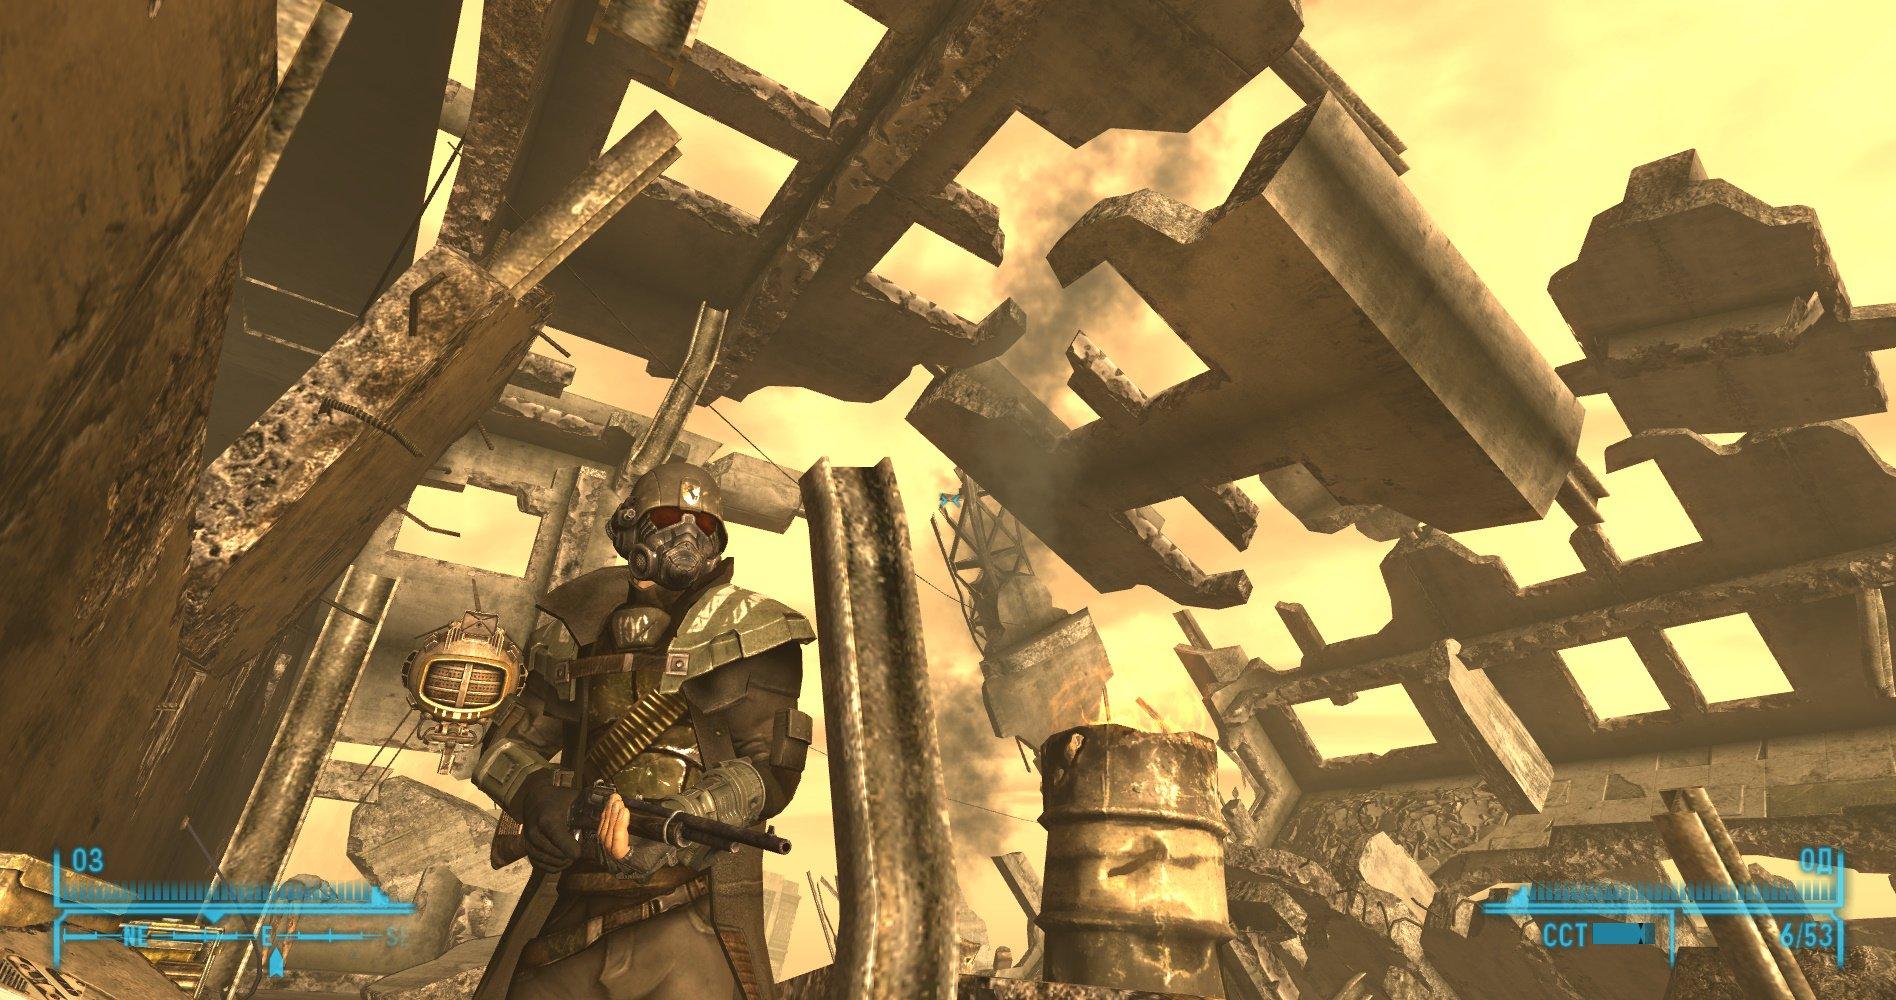 Сравнительный анализ (на самом деле нет) Fallout New Vegas vs. Fallout 4 (часть 2) - Изображение 19